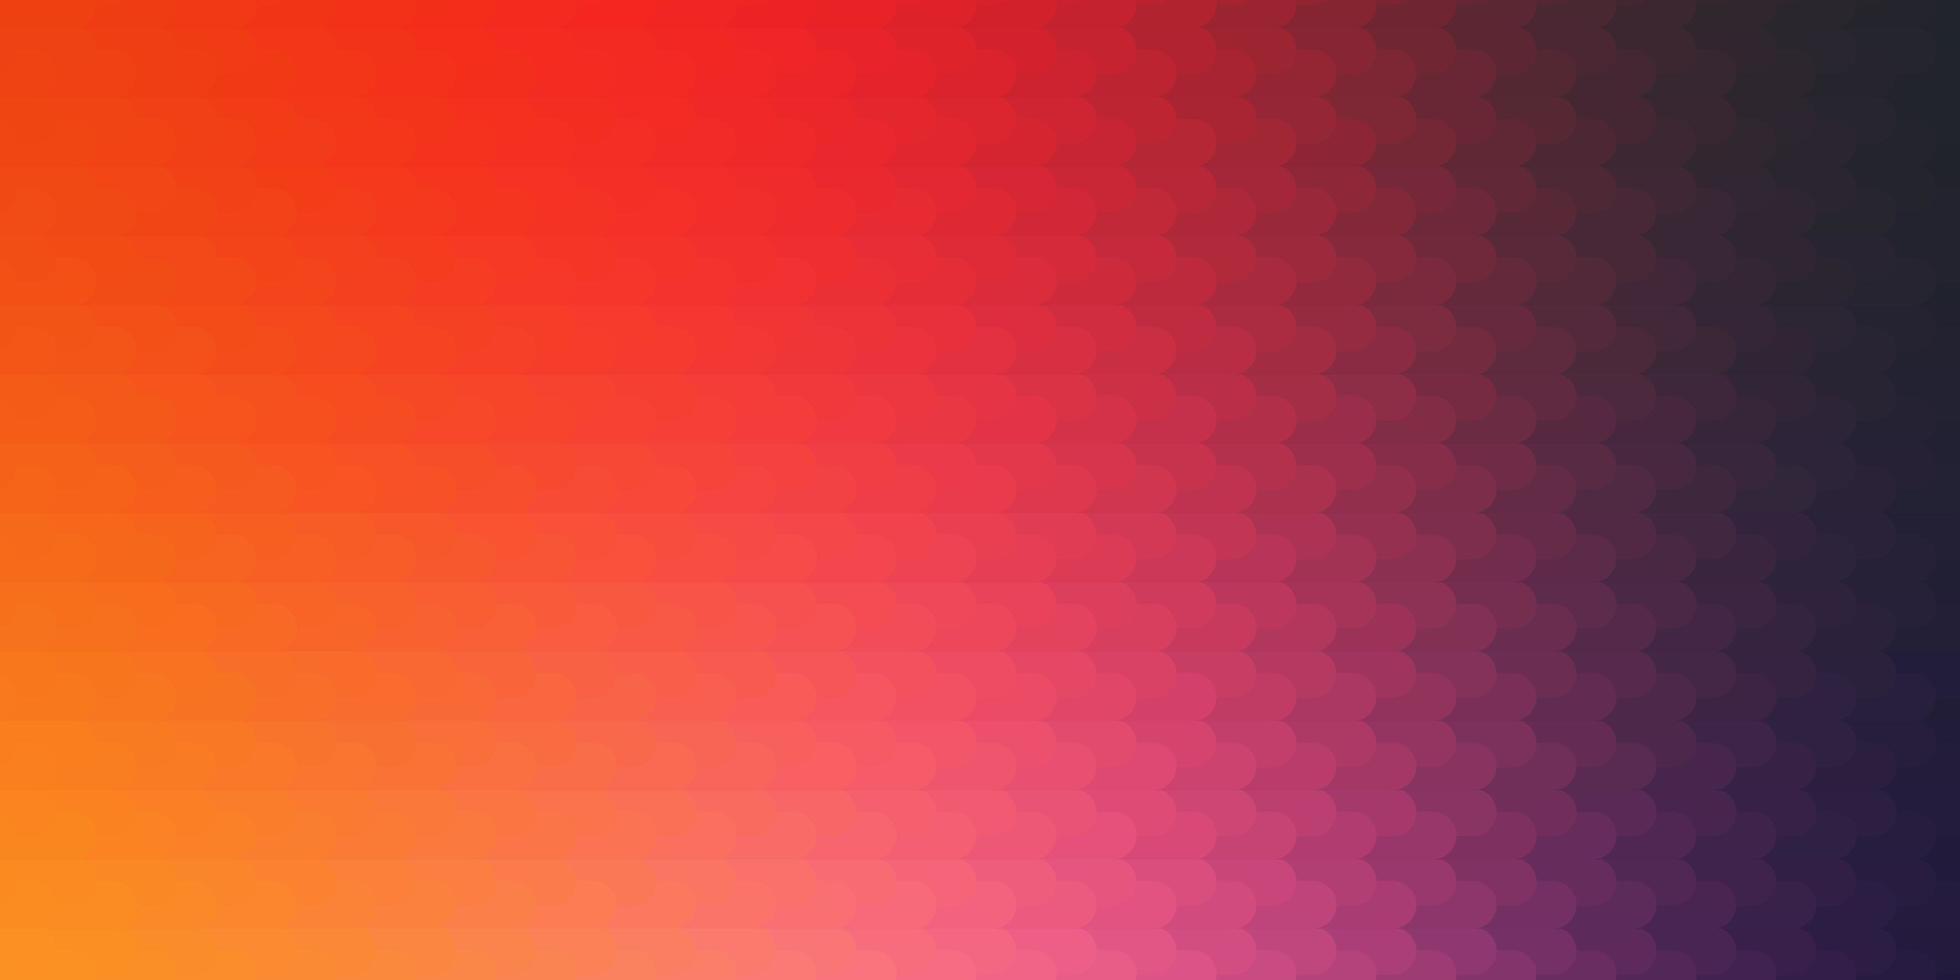 ljusrosa, gul vektor bakgrund med linjer.